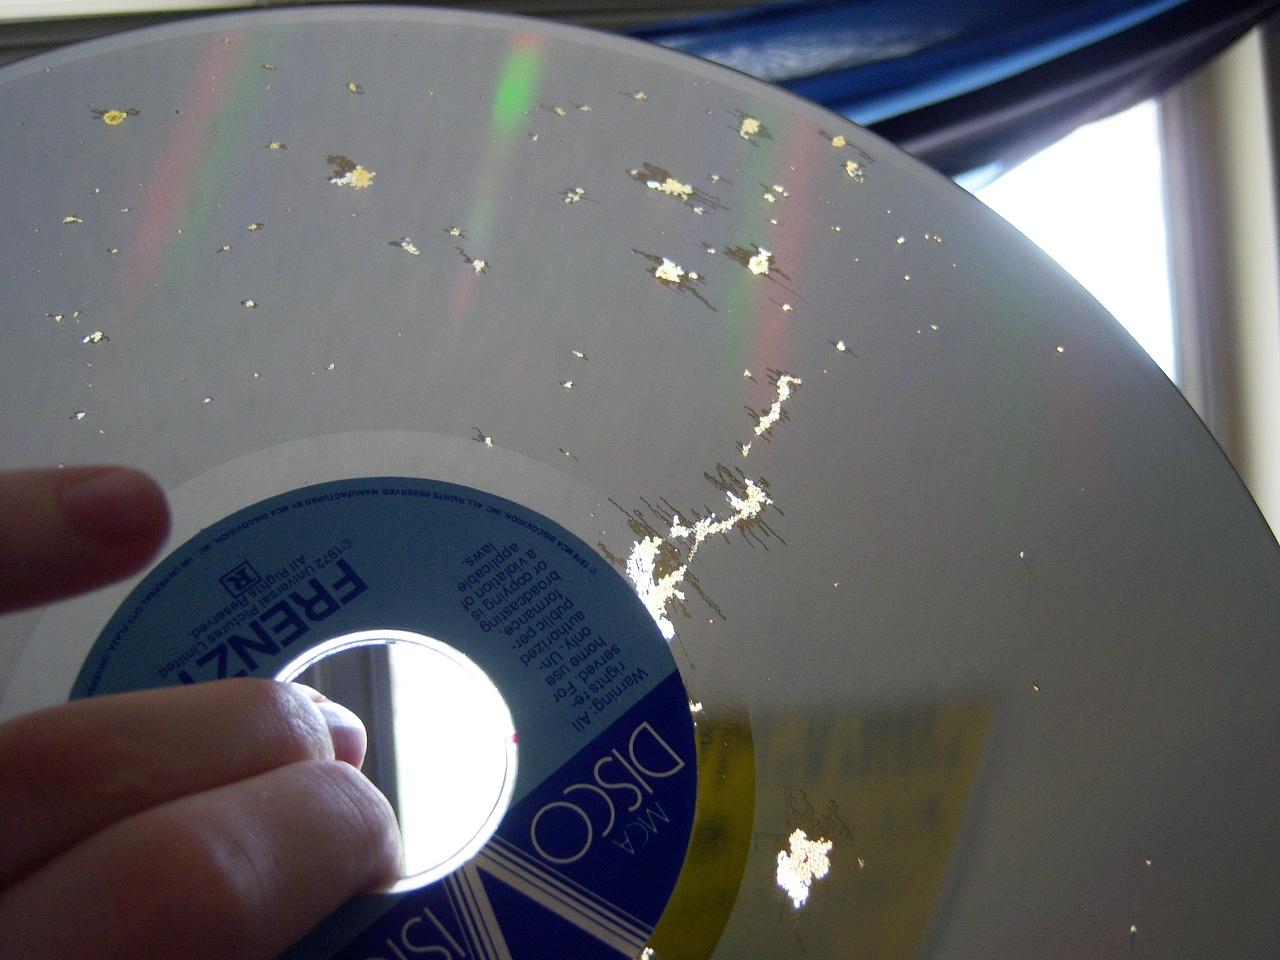 LaserDisc: история несостоявшегося конкурента видеокассет (часть 1) - 10